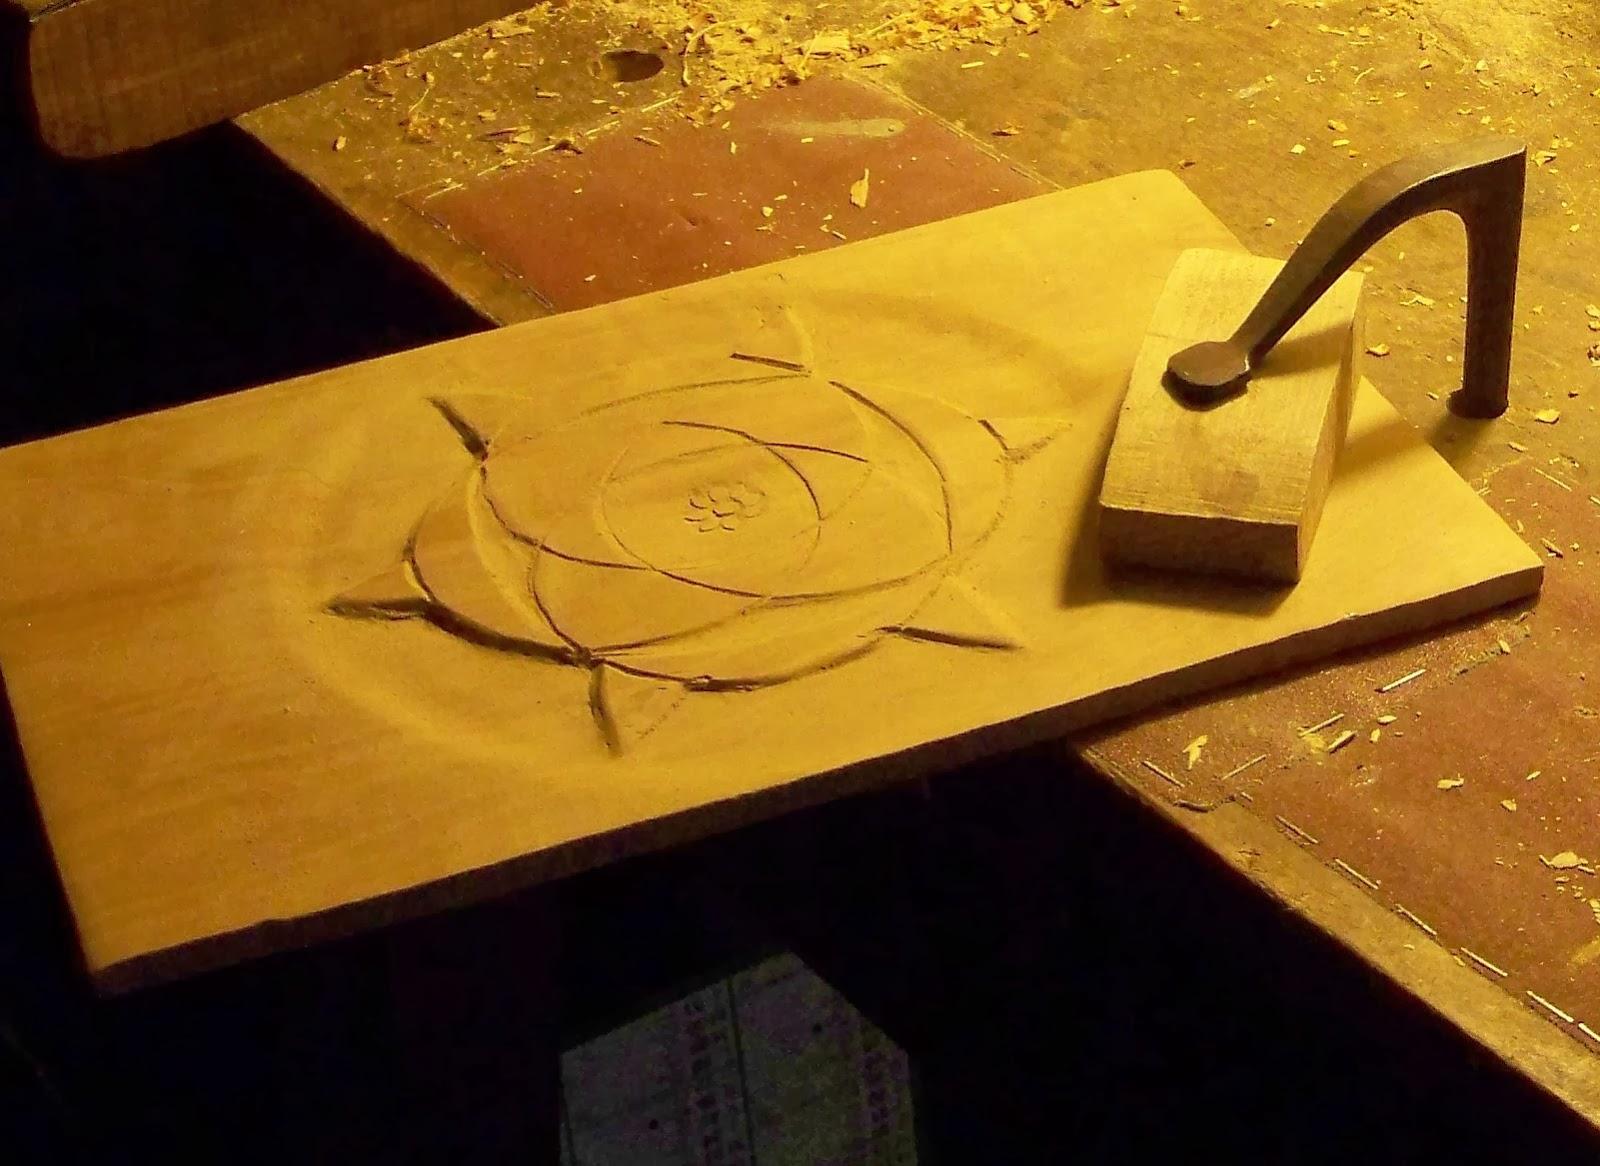 Chaiserie artisanale d 39 angers les outils du sculpteur sur bois - Outils pour sculpter le bois ...